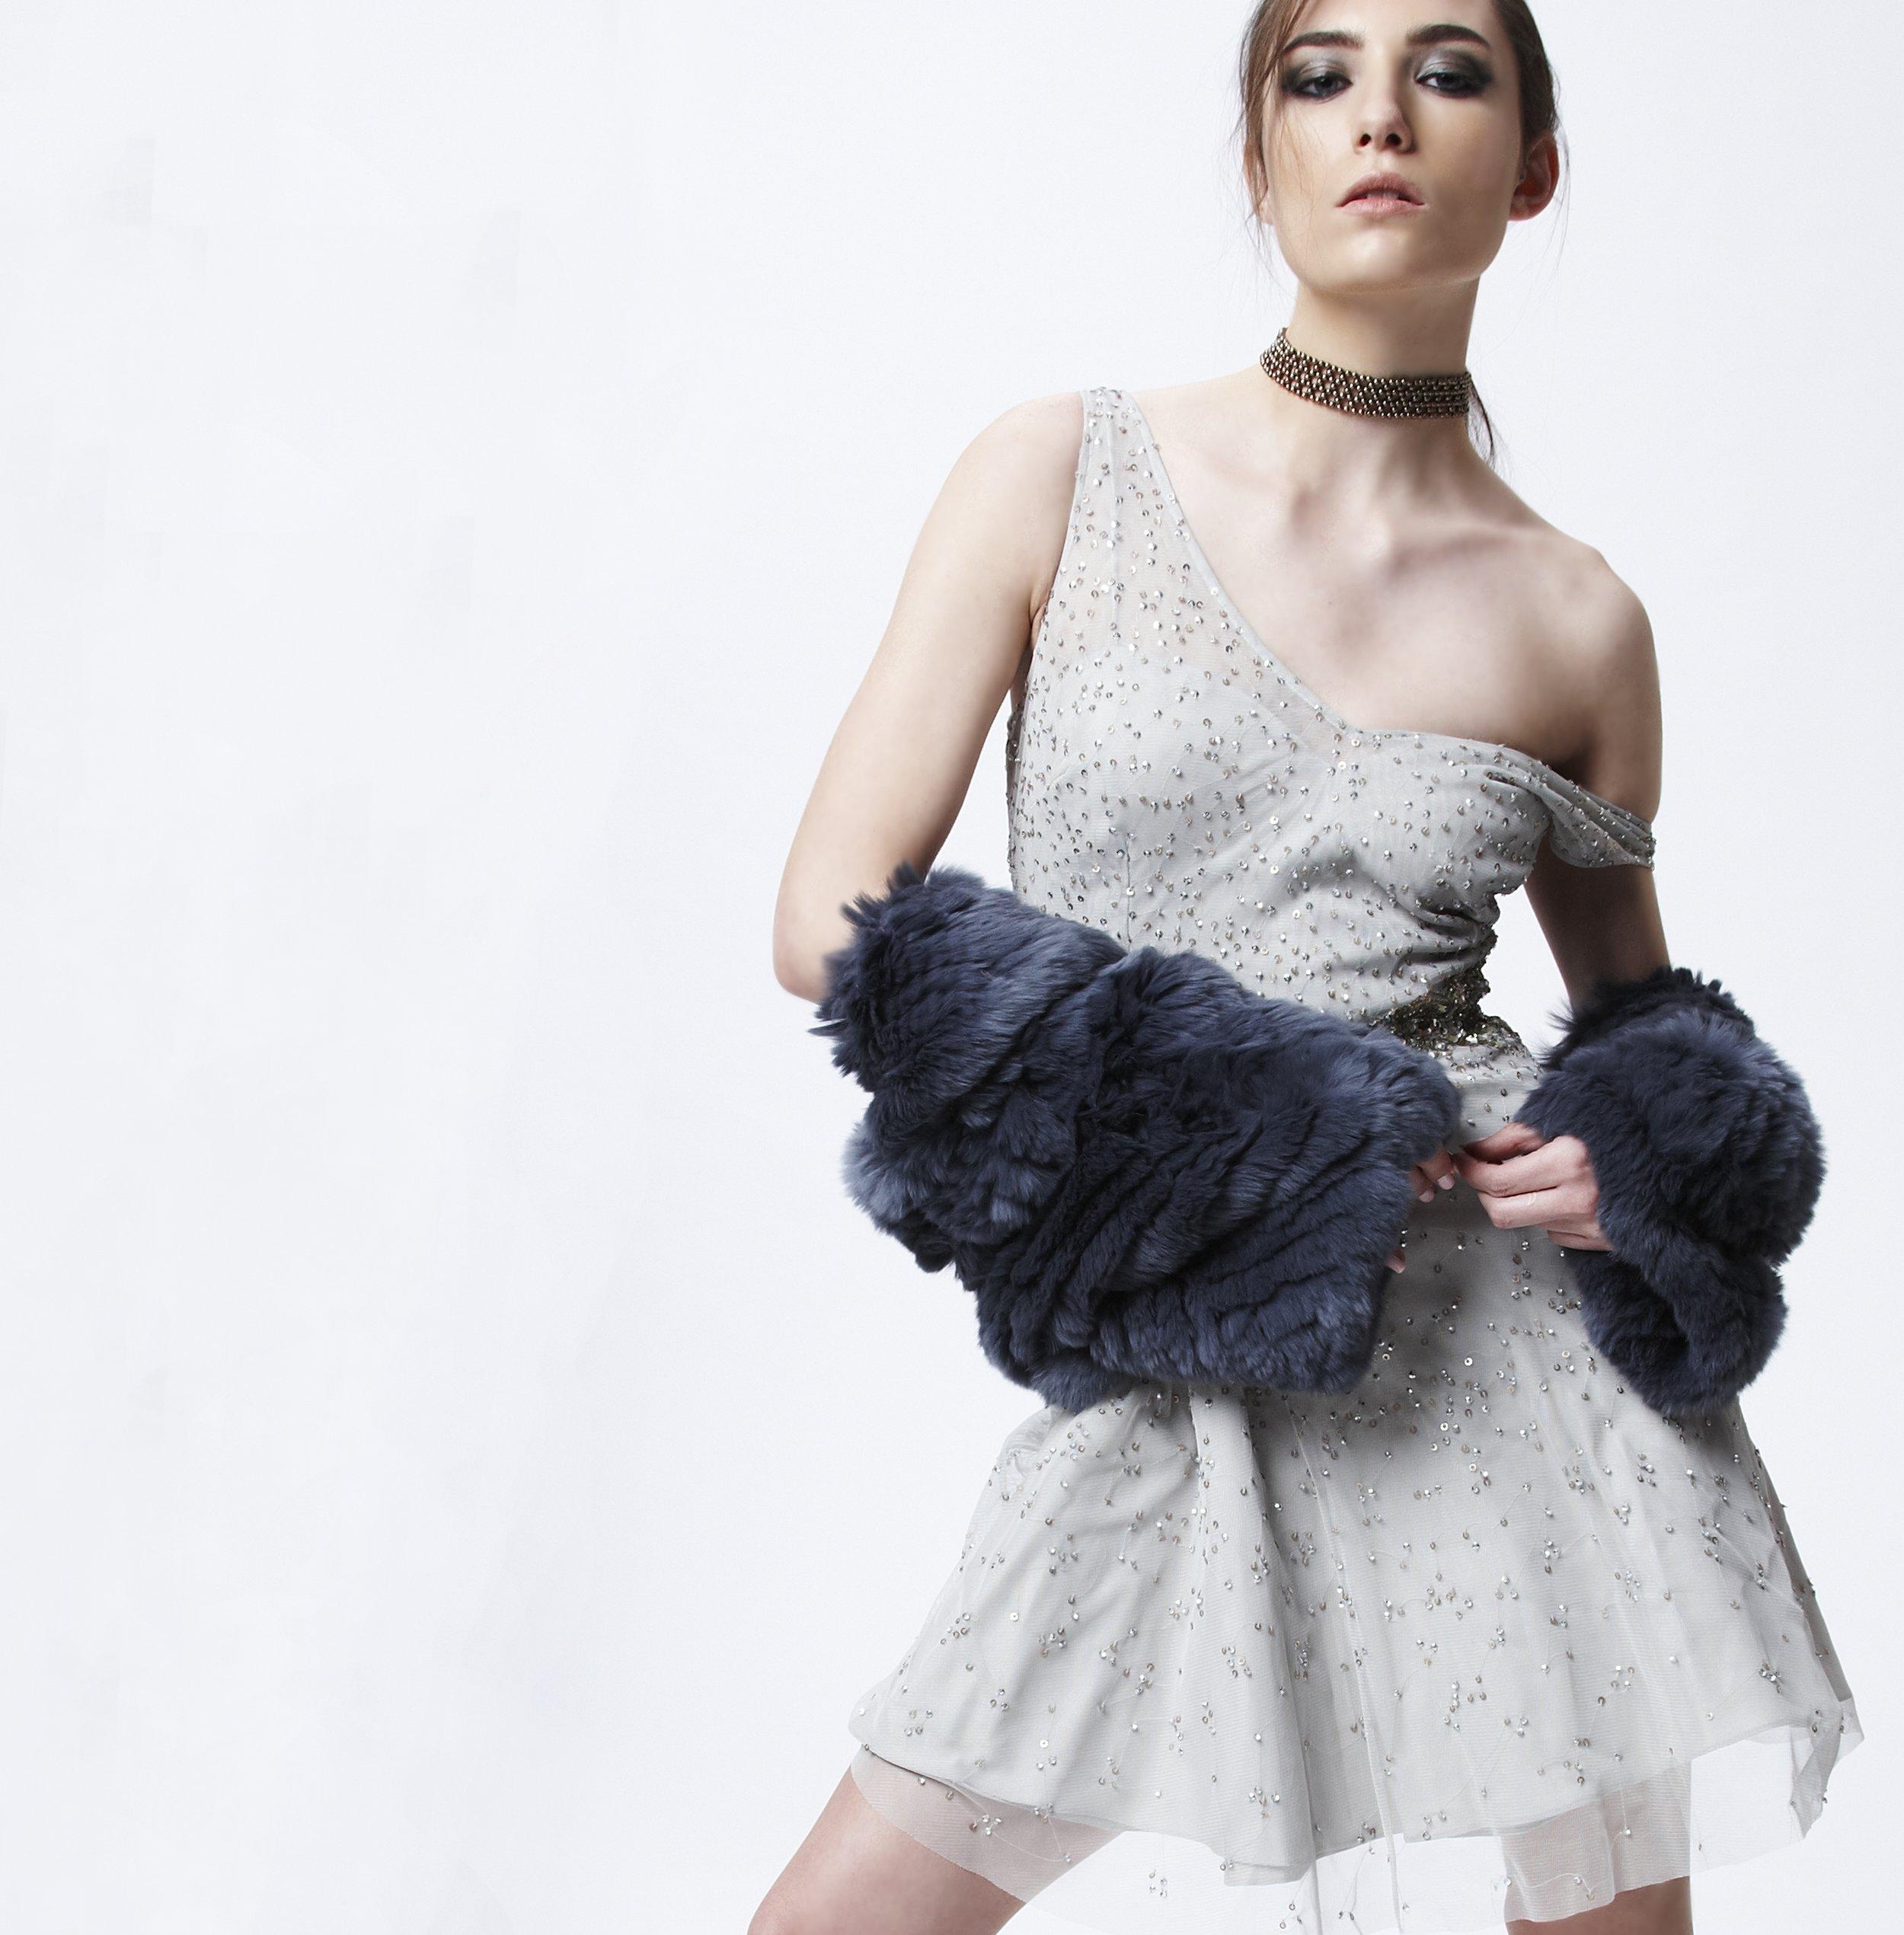 fashionfeb19 28009 copy.jpg